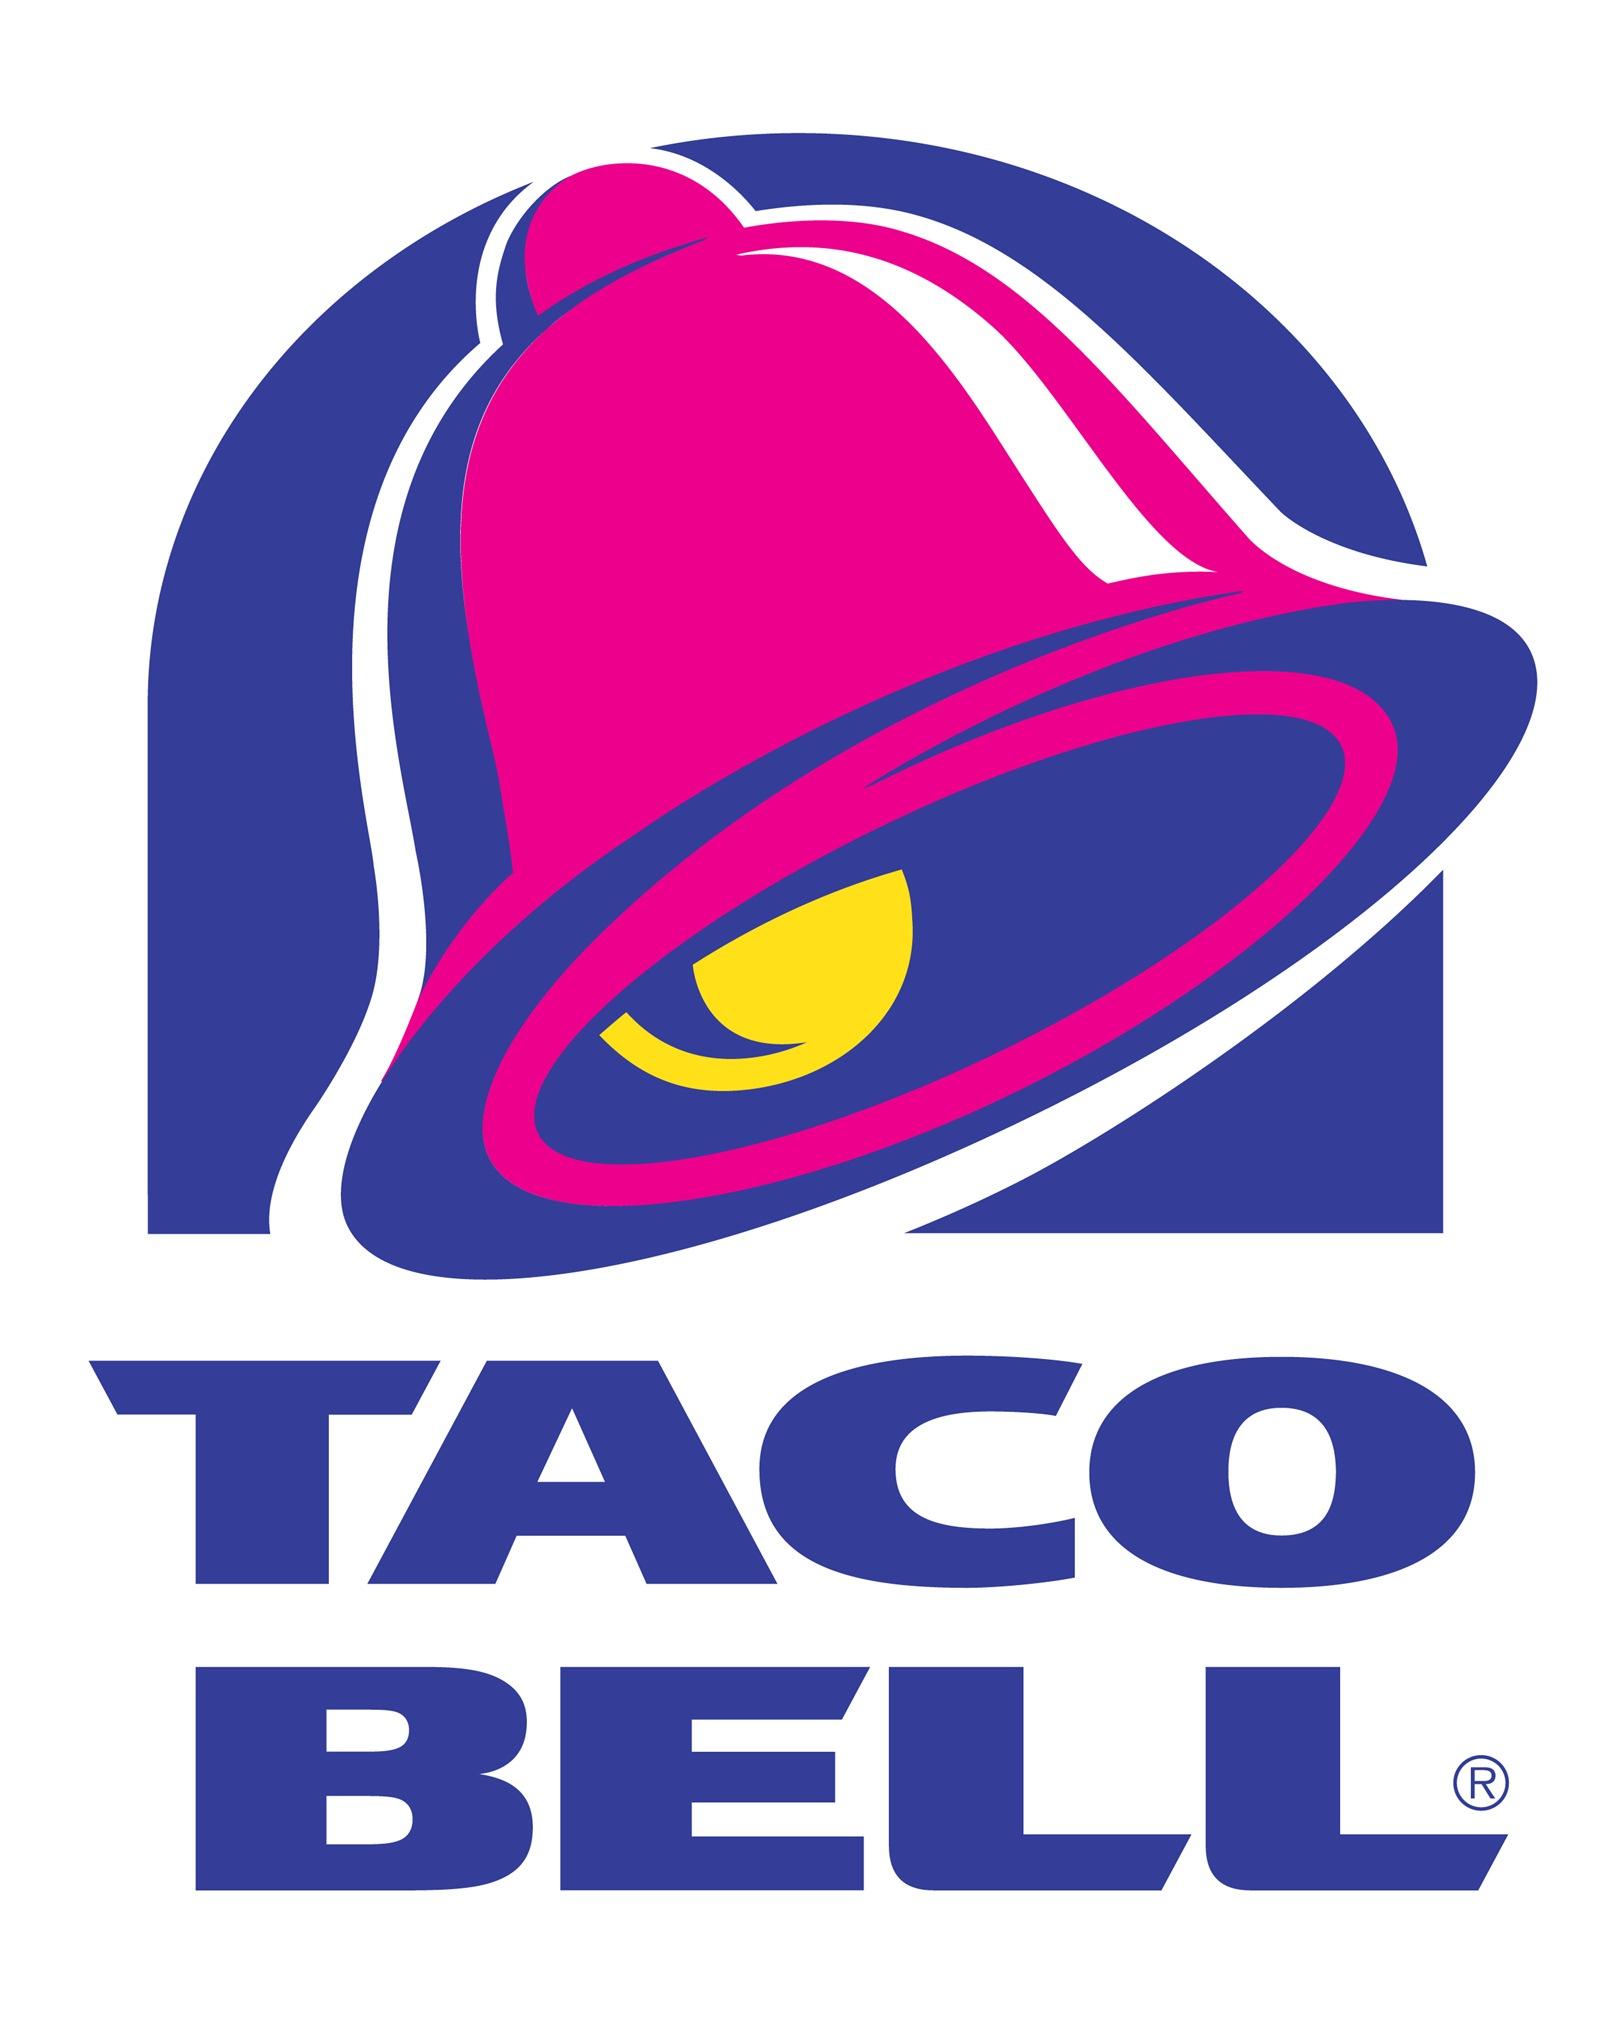 taco-bell-logo.jpg